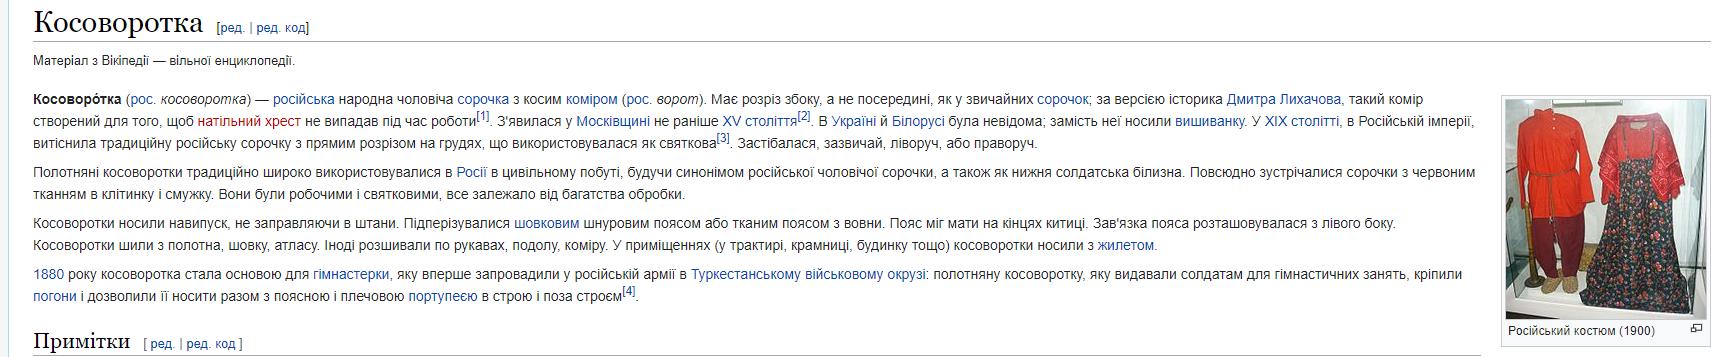 Зеленский попал в скандал из-за вышиванки: что произошло (ФОТО) - фото 3